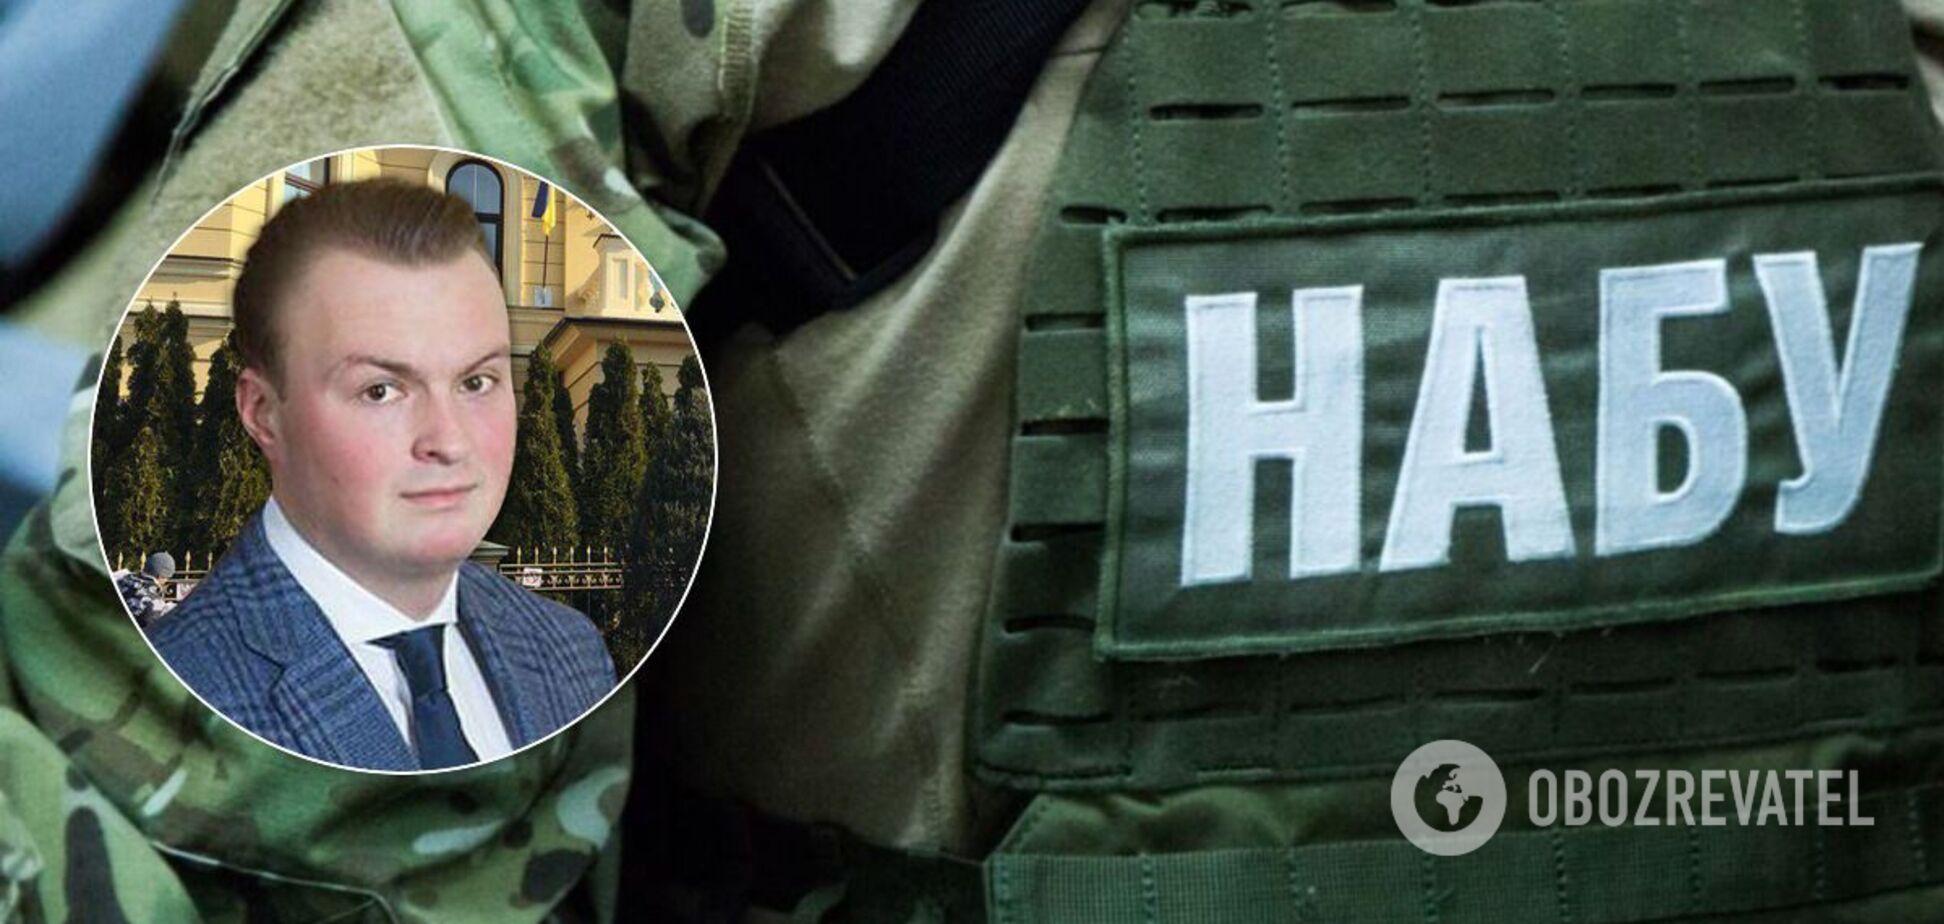 Фігурант справи про корупцію в оборонній сфері Ігор Гладковський